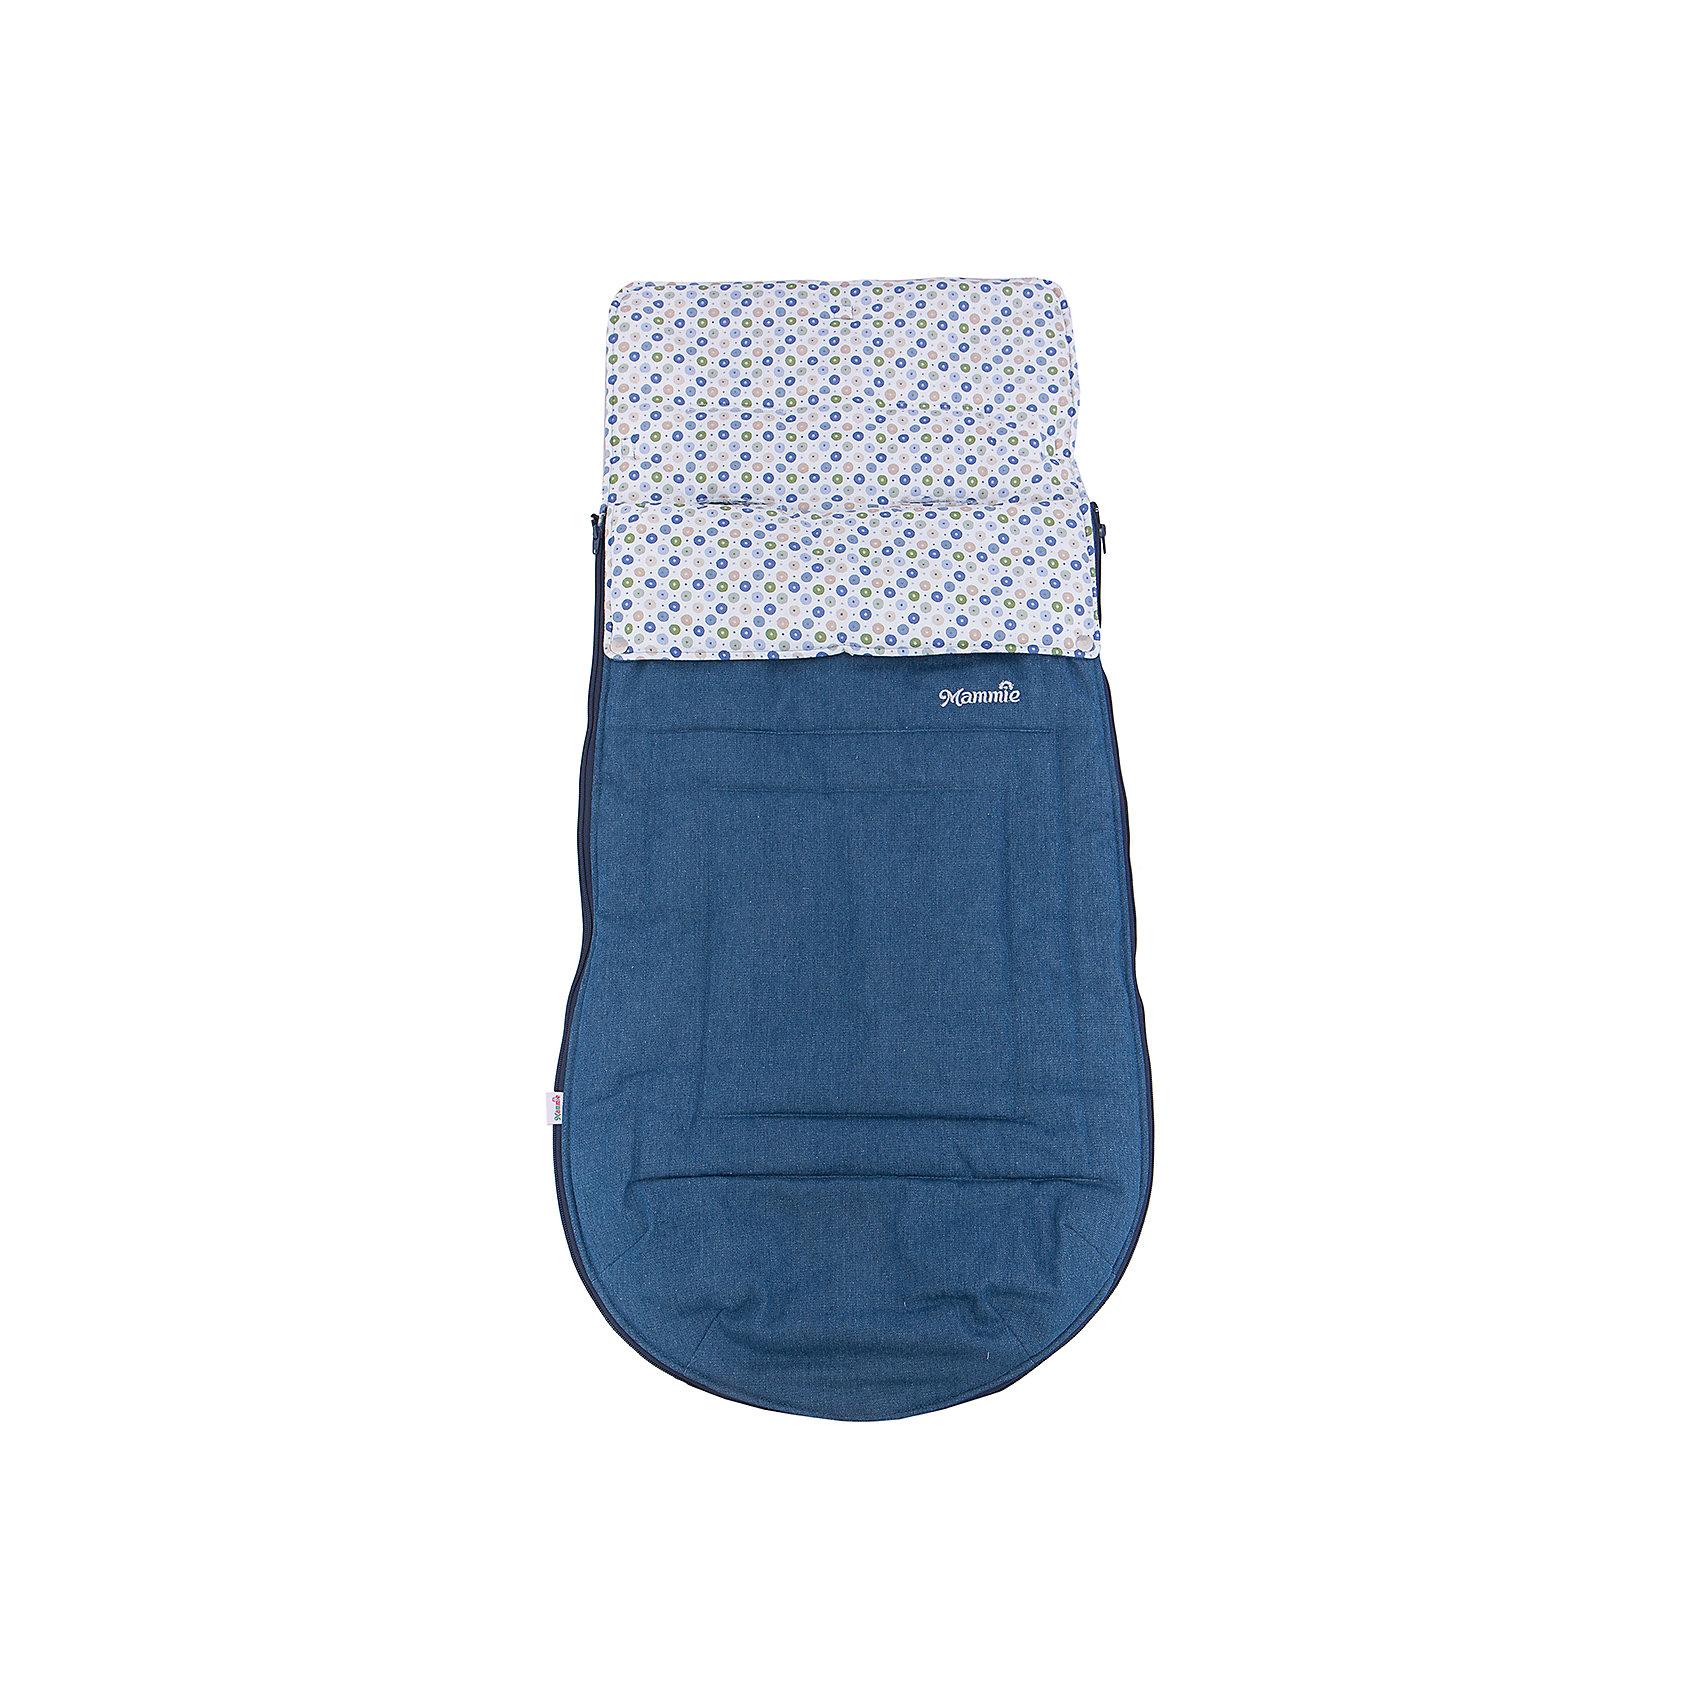 Конверт-трансформер хлопковый, Mammie, голубой